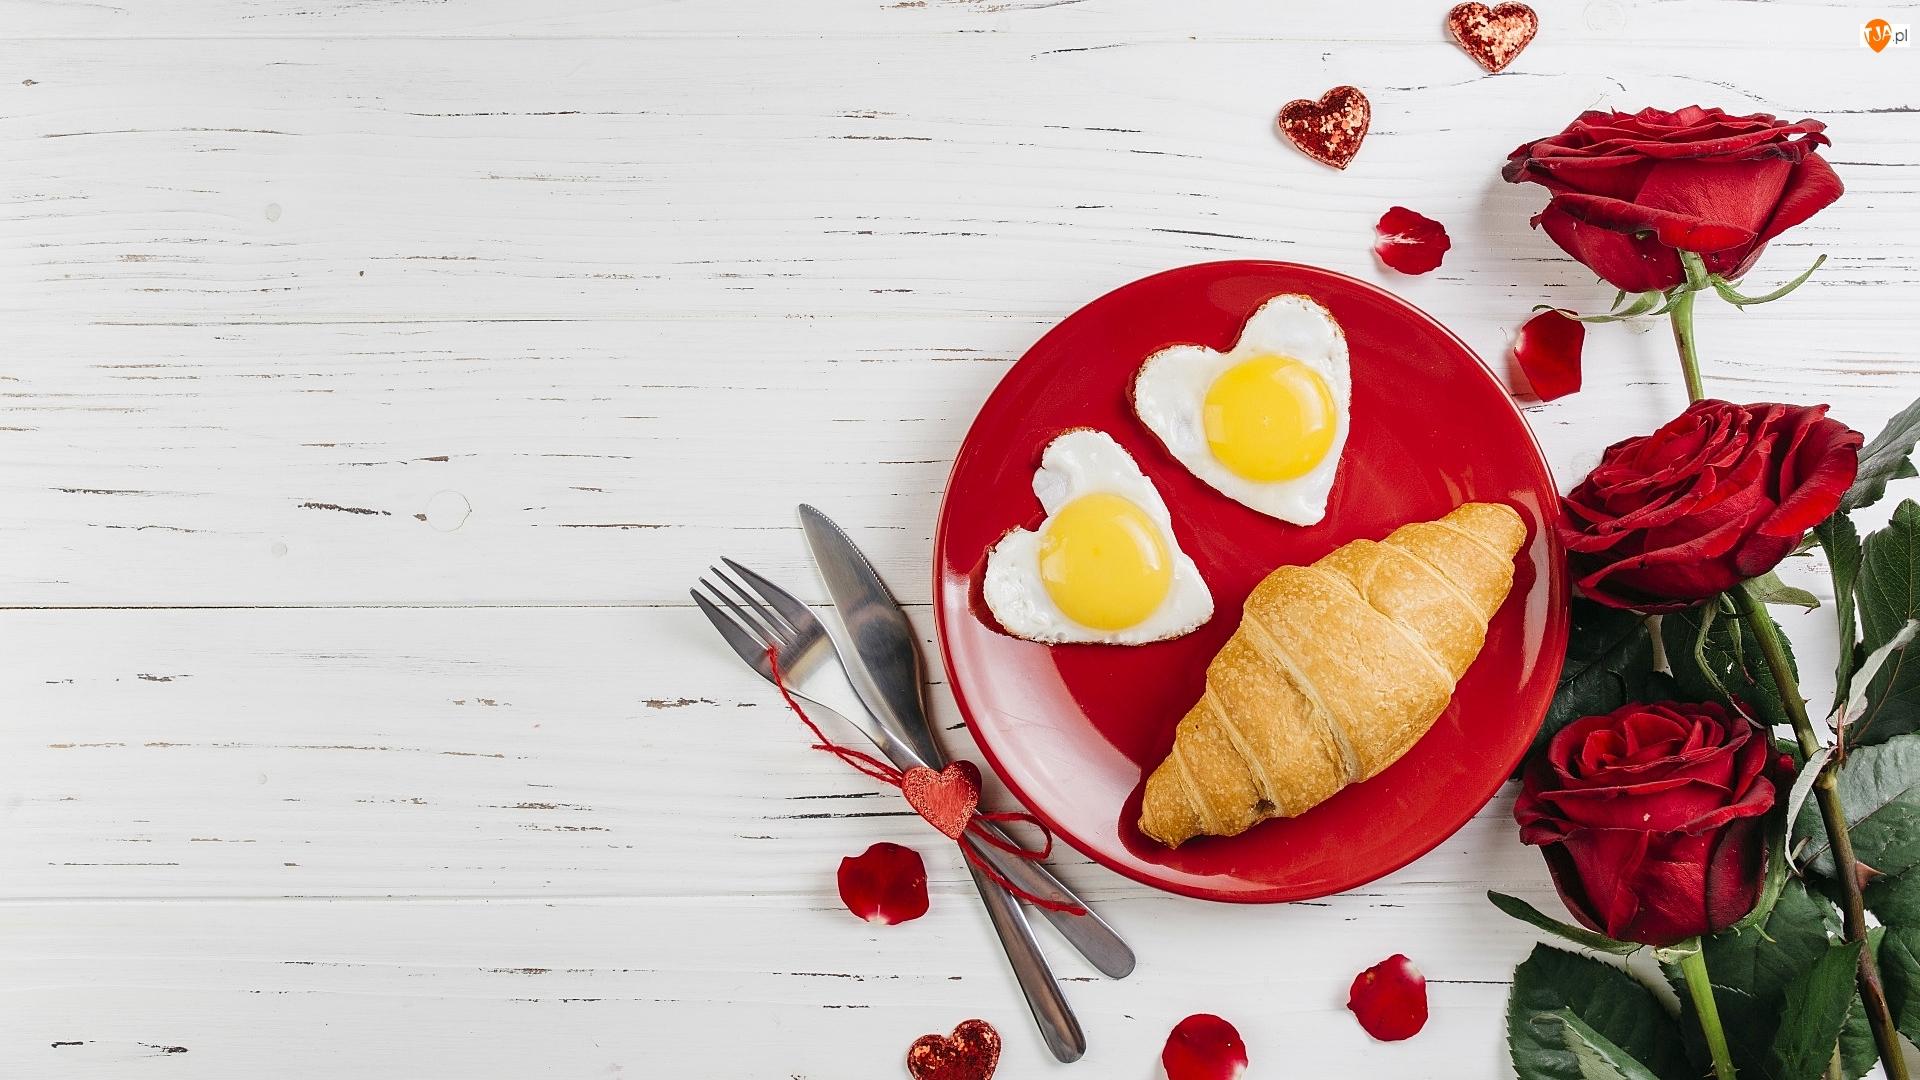 Serduszka, Śniadanie, Jajka, Róże, Walentynki, Sadzone, Talerzyk, Croissant